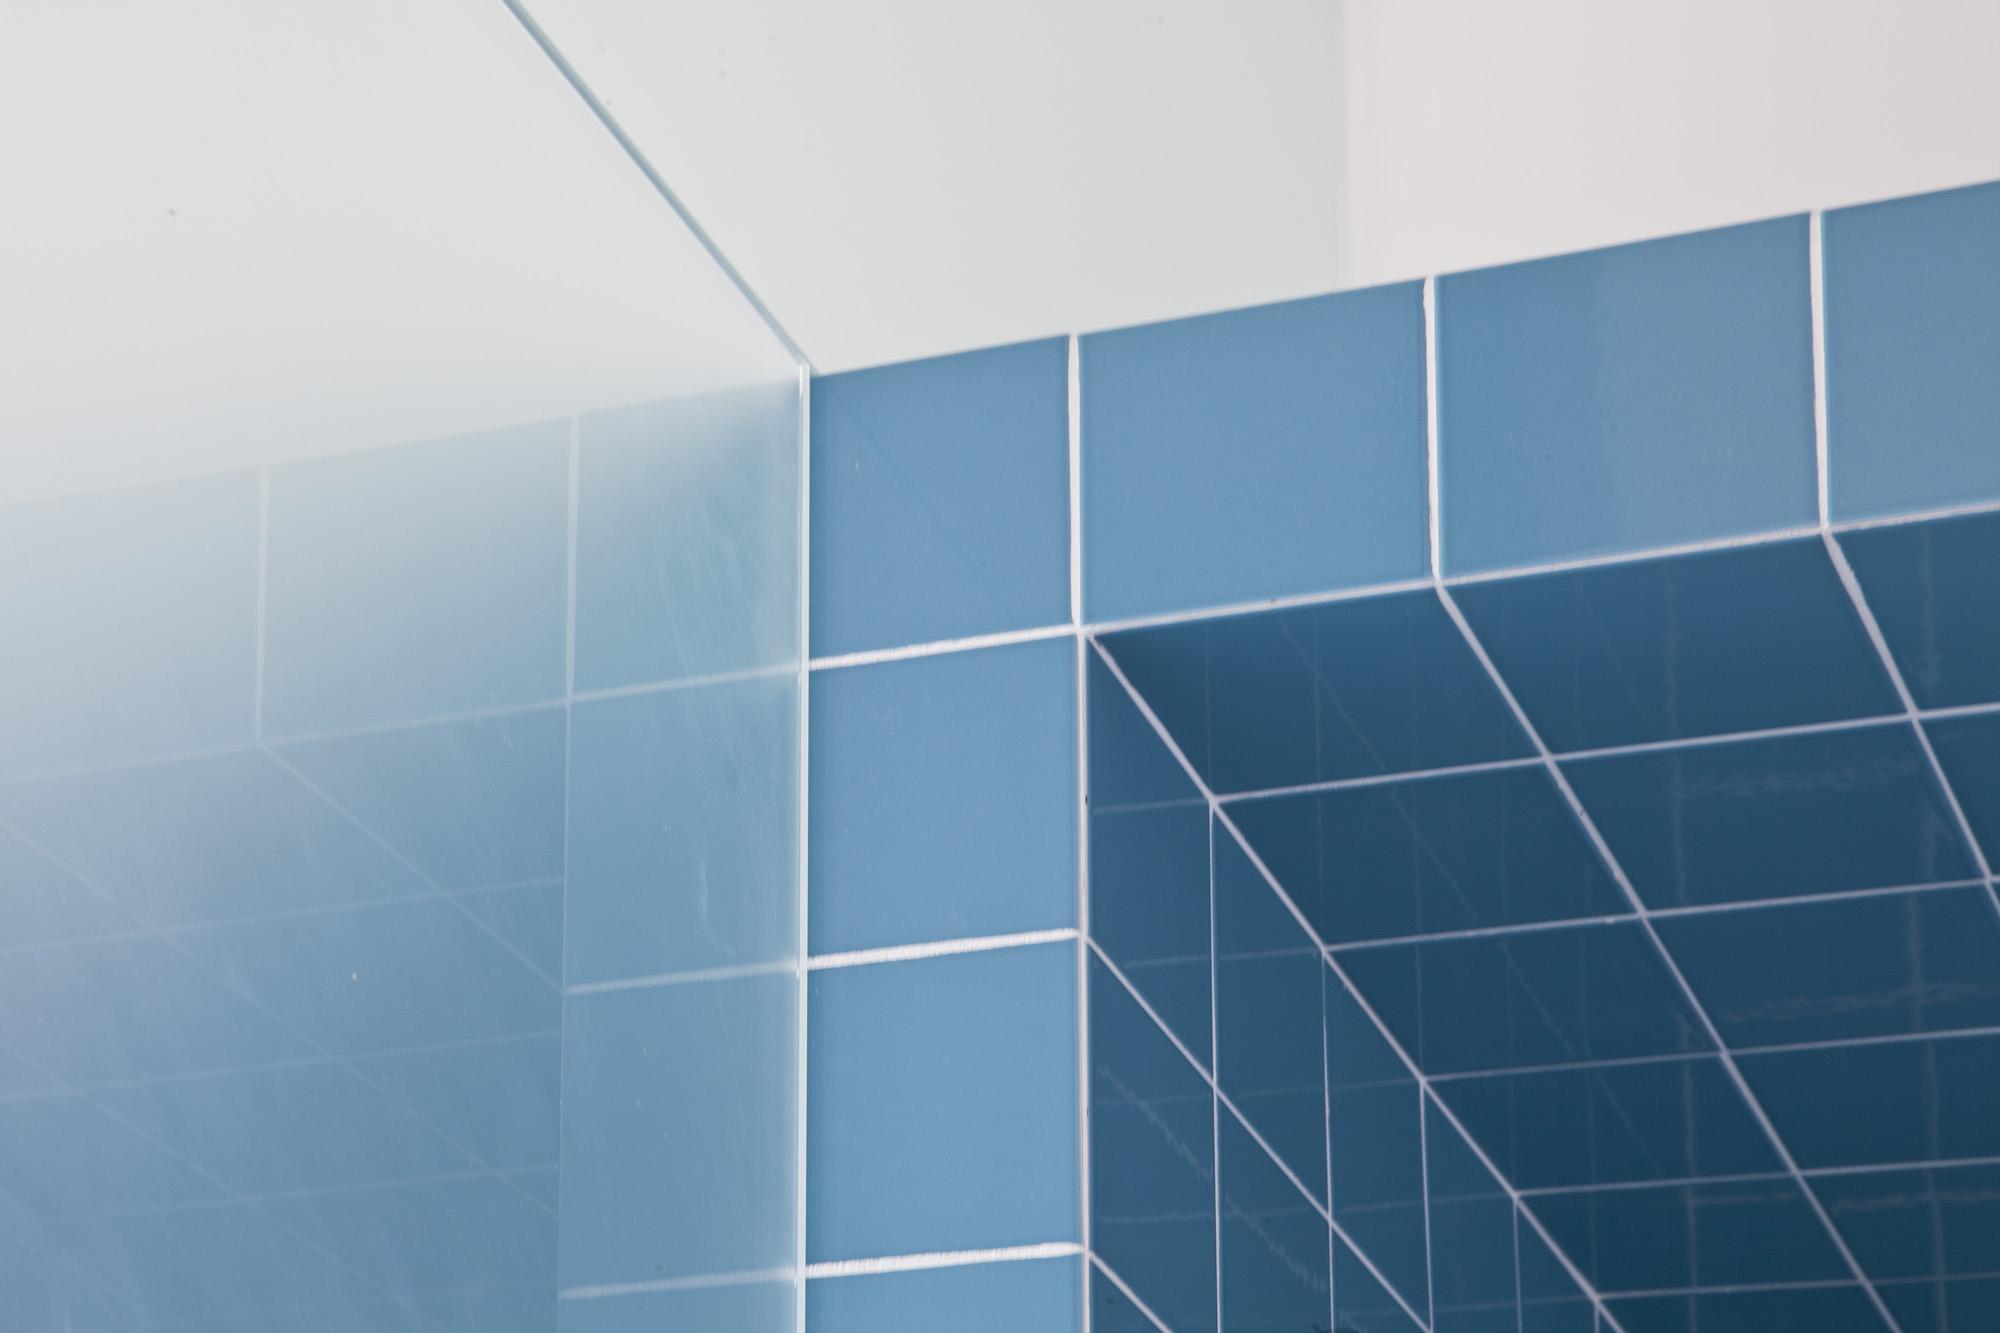 PIA, Andrea Bosio, Architecture Photography, Fotografia per l'architettura, Fotografia architettura, Architecture Photographer